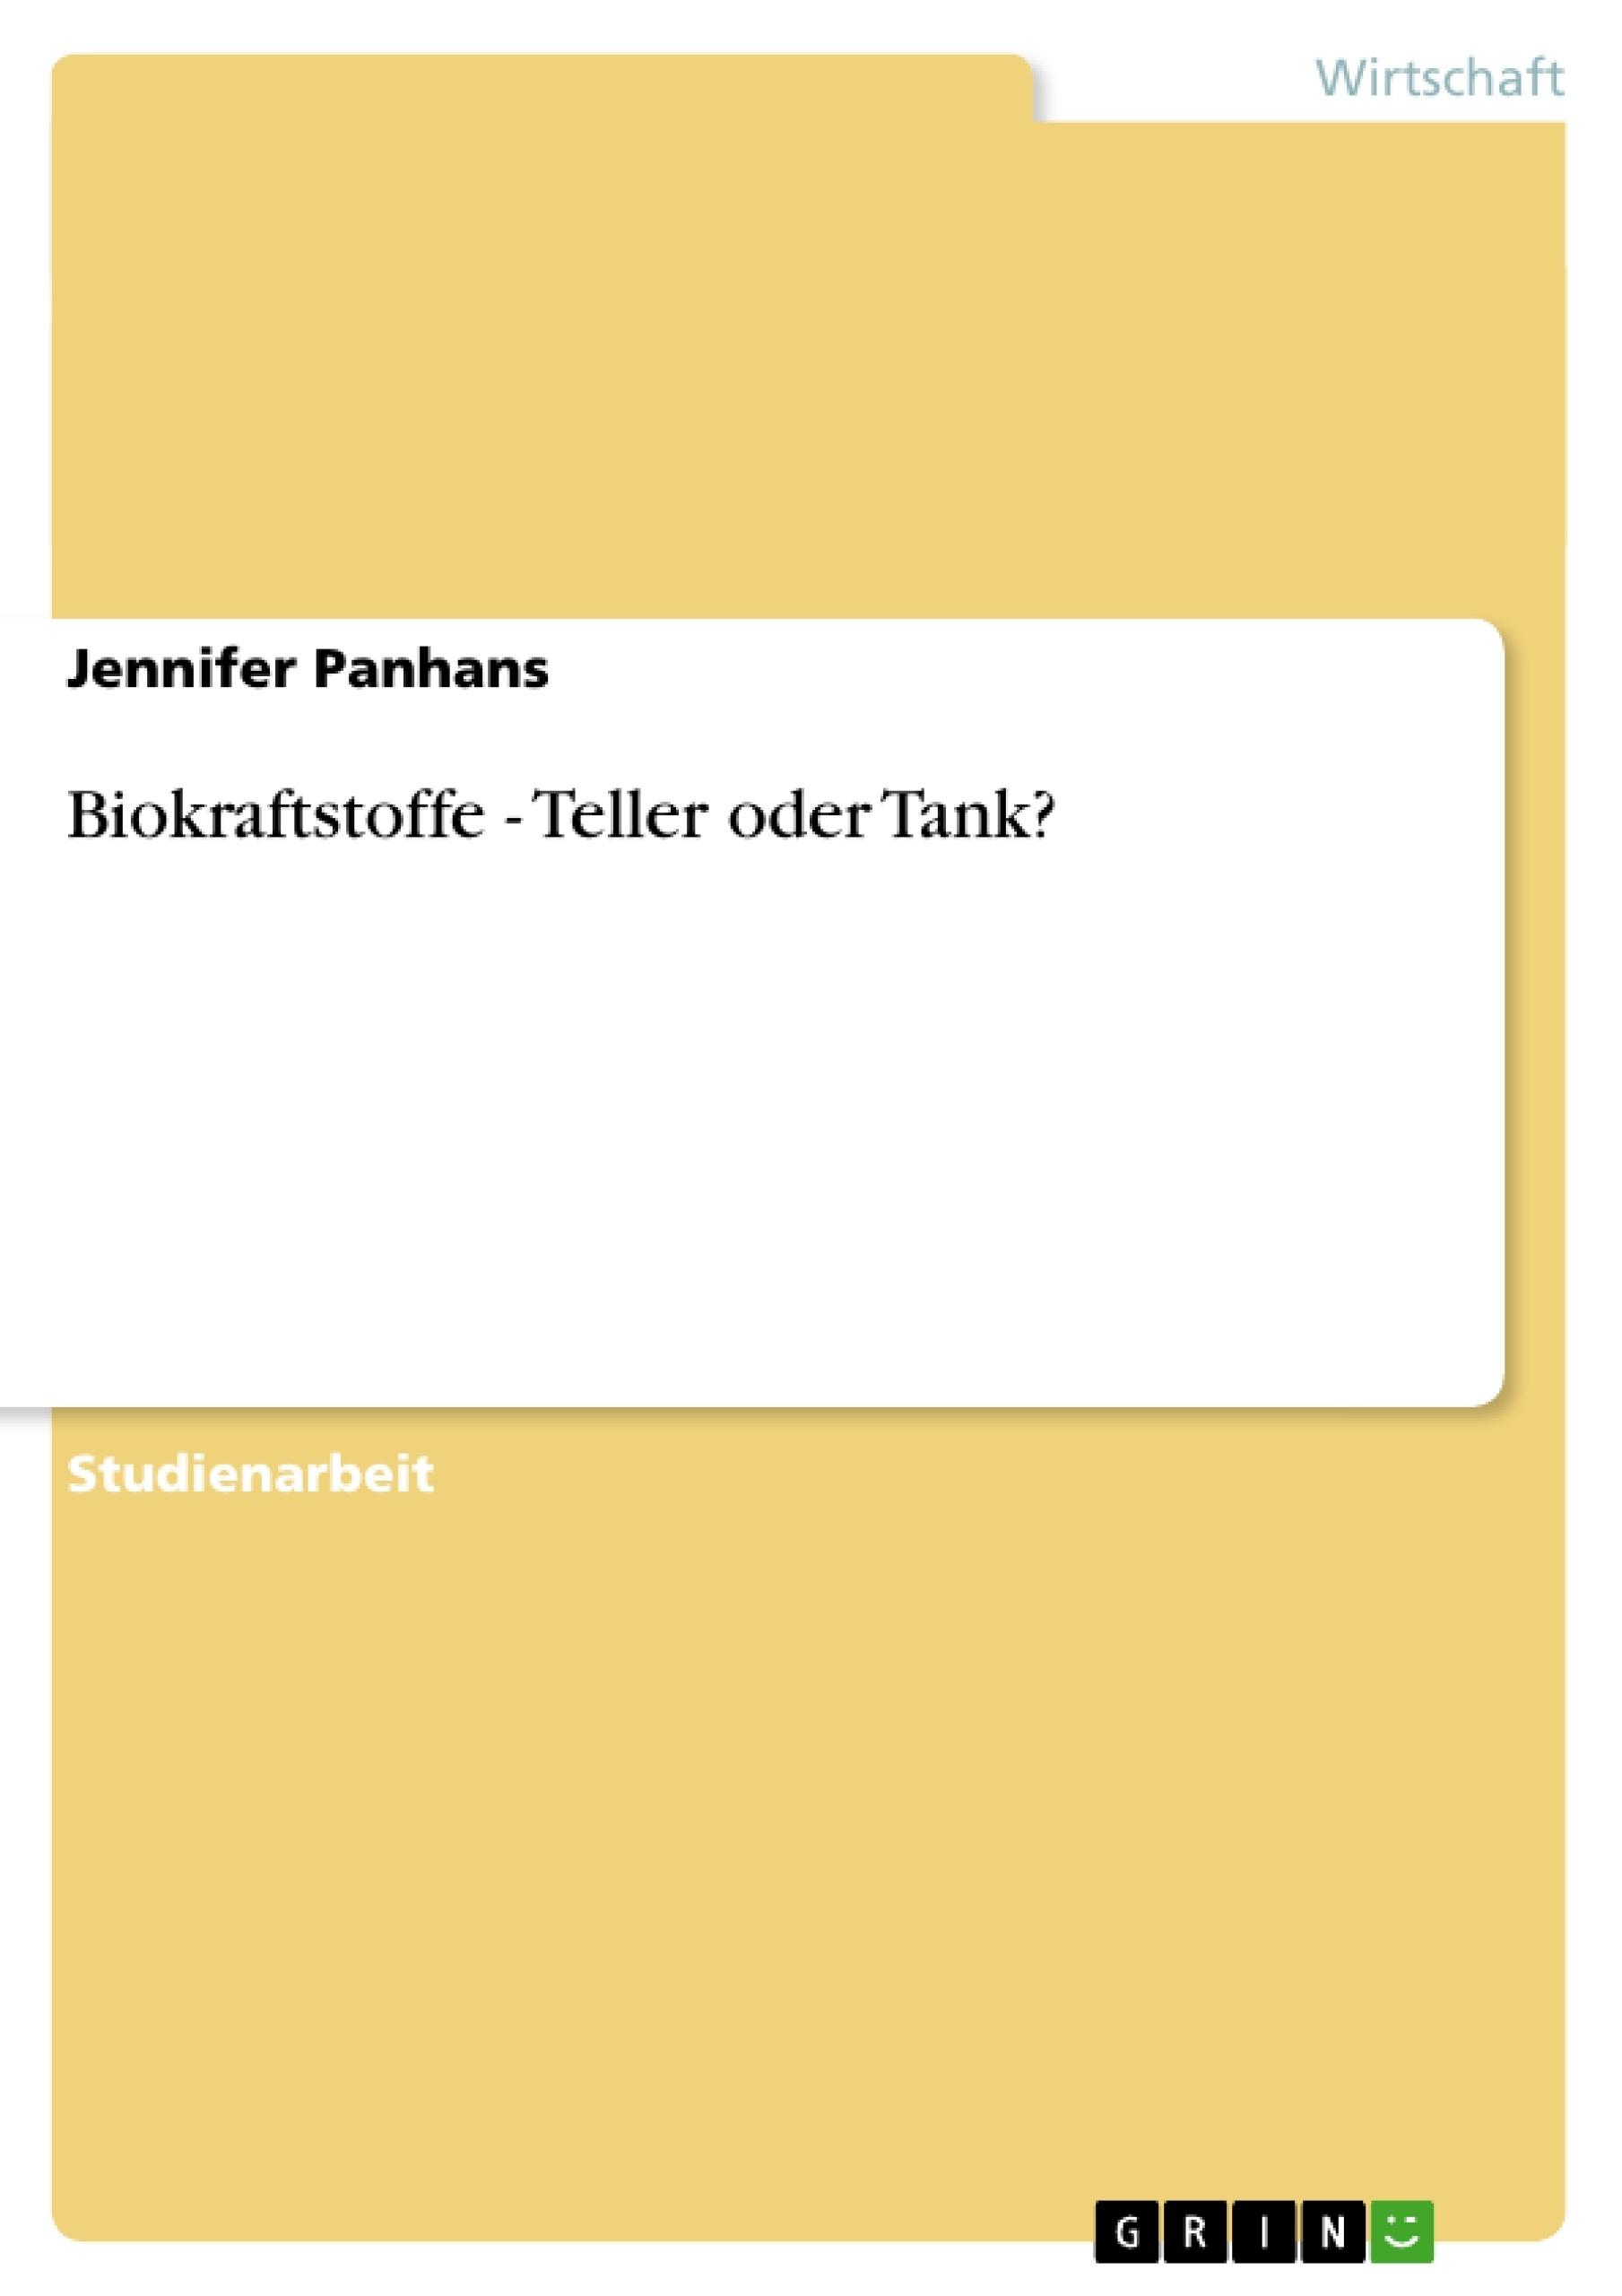 Titel: Biokraftstoffe - Teller oder Tank?